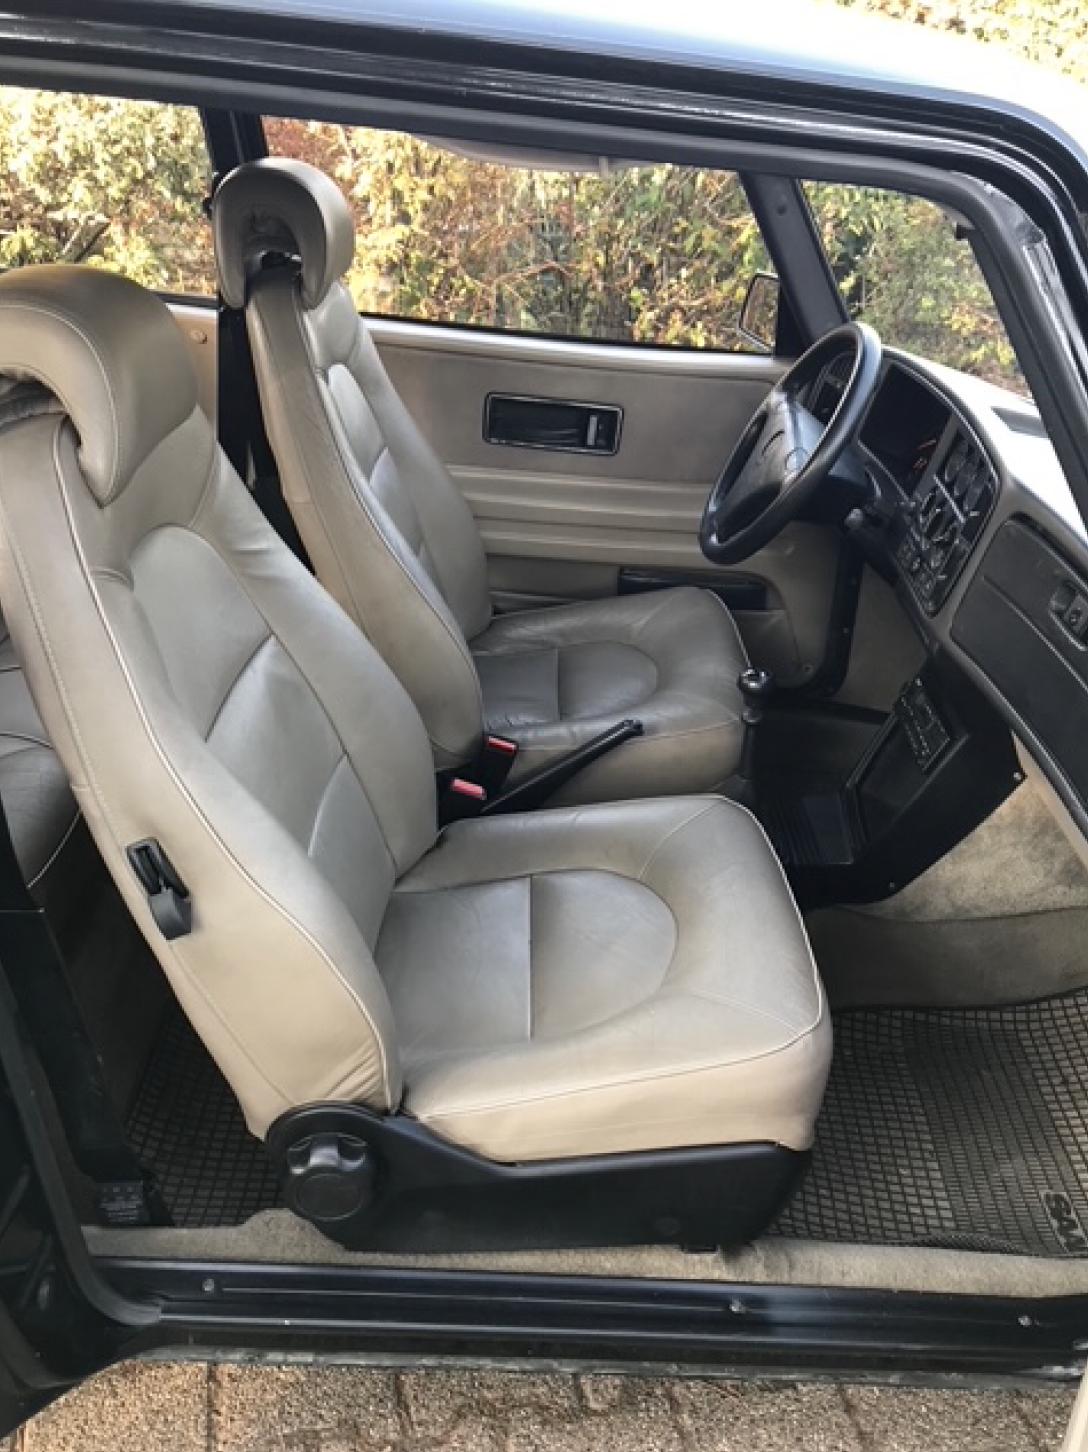 SAAB Saab 900 S Turbo Classic Coupé 3